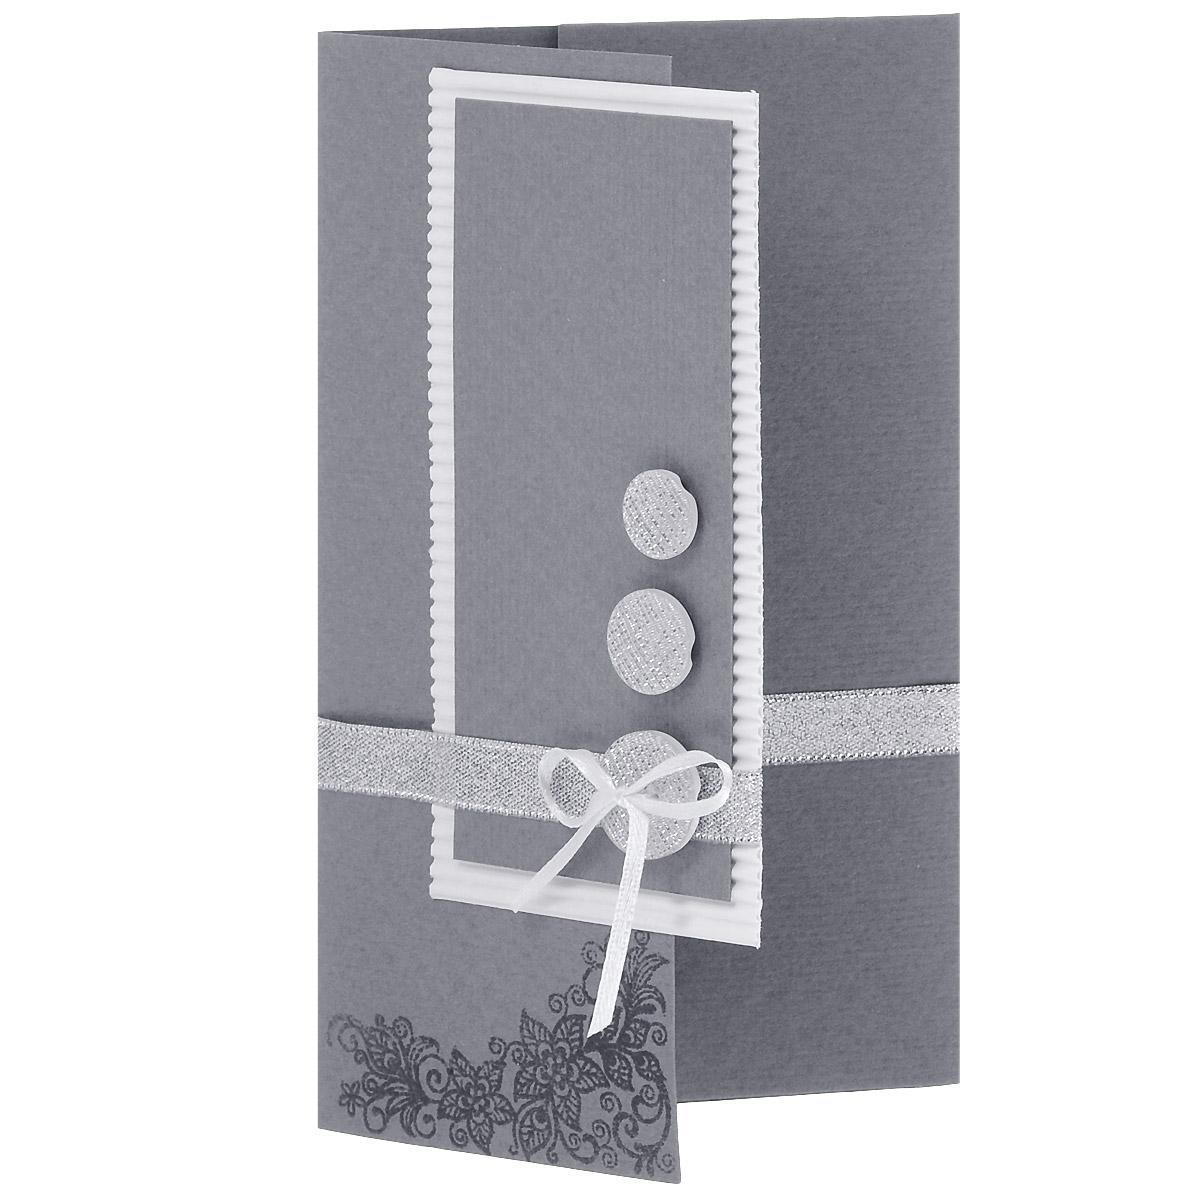 ОРАЗ-0001 Открытка-конверт(Серебряные вензеля и пуговицы). Студия «Тётя Роза»YM116017-4Характеристики: Размер 19 см x 11 см.Материал: Высоко-художественный картон, бумага, декор. Данная открытка может стать как прекрасным дополнением к вашему подарку, так и самостоятельным подарком. Так как открытка является и конвертом, в который вы можете вложить ваш денежный подарок или просто написать ваши пожелания на вкладыше. Конверт для поздравления универсален в своей идее. Ненавязчивый дизайн не ориентирован на какой-то особый случай, поэтому может быть использован для любого повода. Использован гофрированный картон, парчовые ленты, блестящие пуговицы. Вензель выполнен в технике горячего термоподъема. Также открытка упакована в пакетик для сохранности.Обращаем Ваше внимание на то, что открытка может незначительно отличаться от представленной на фото.Открытки ручной работы от студии Тётя Роза отличаются своим неповторимым и ярким стилем. Каждая уникальна и выполнена вручную мастерами студии. (Открытка для мужчин, открытка для женщины, открытка на день рождения, открытка с днем свадьбы, открытка винтаж, открытка с юбилеем, открытка на все случаи, скрапбукинг)